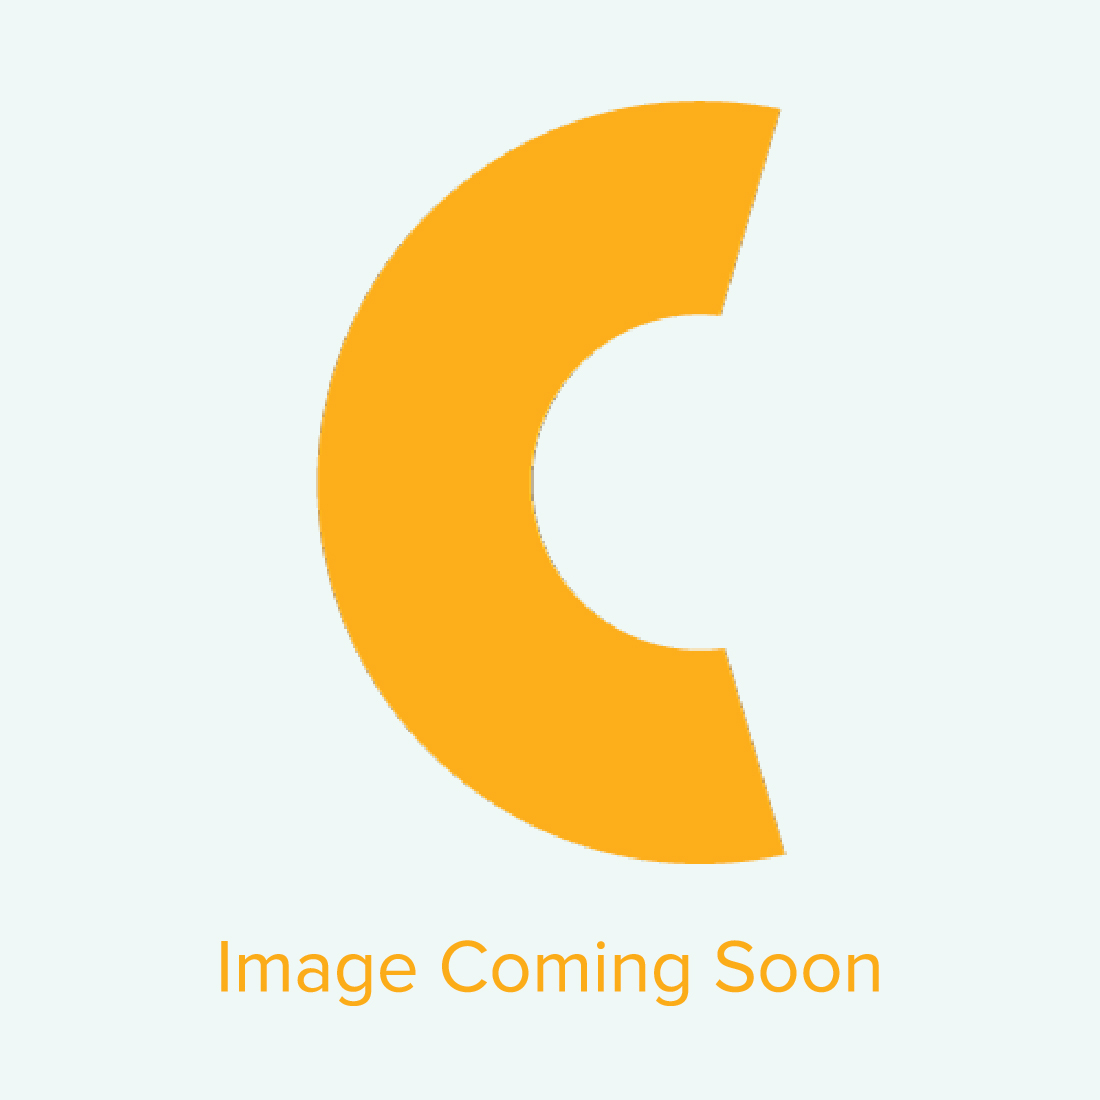 """Ceramic Sublimation Photo Tile - 8"""" x 10"""" - 36/case"""